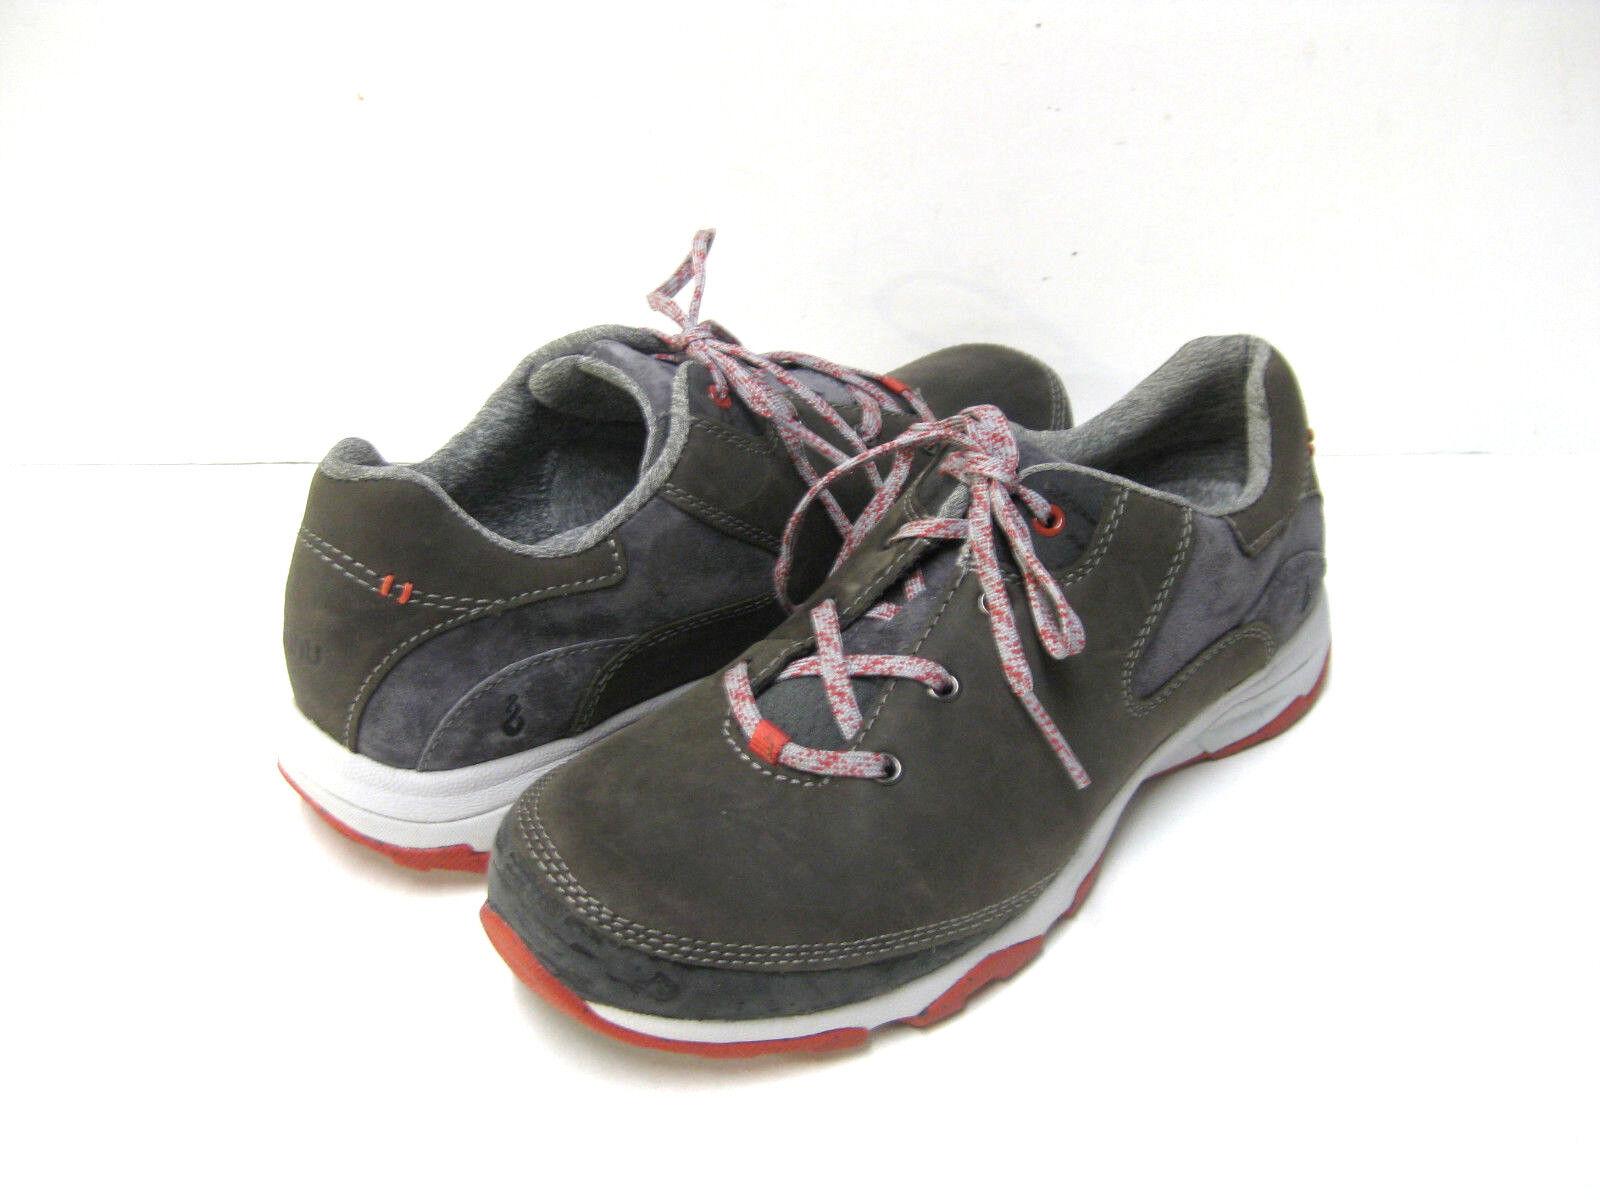 Ahnu Sugar Ventura Mujeres Zapatos Para Para Para Caminar Twilight US 9 UK 7 EU 40  Envio gratis en todas las ordenes